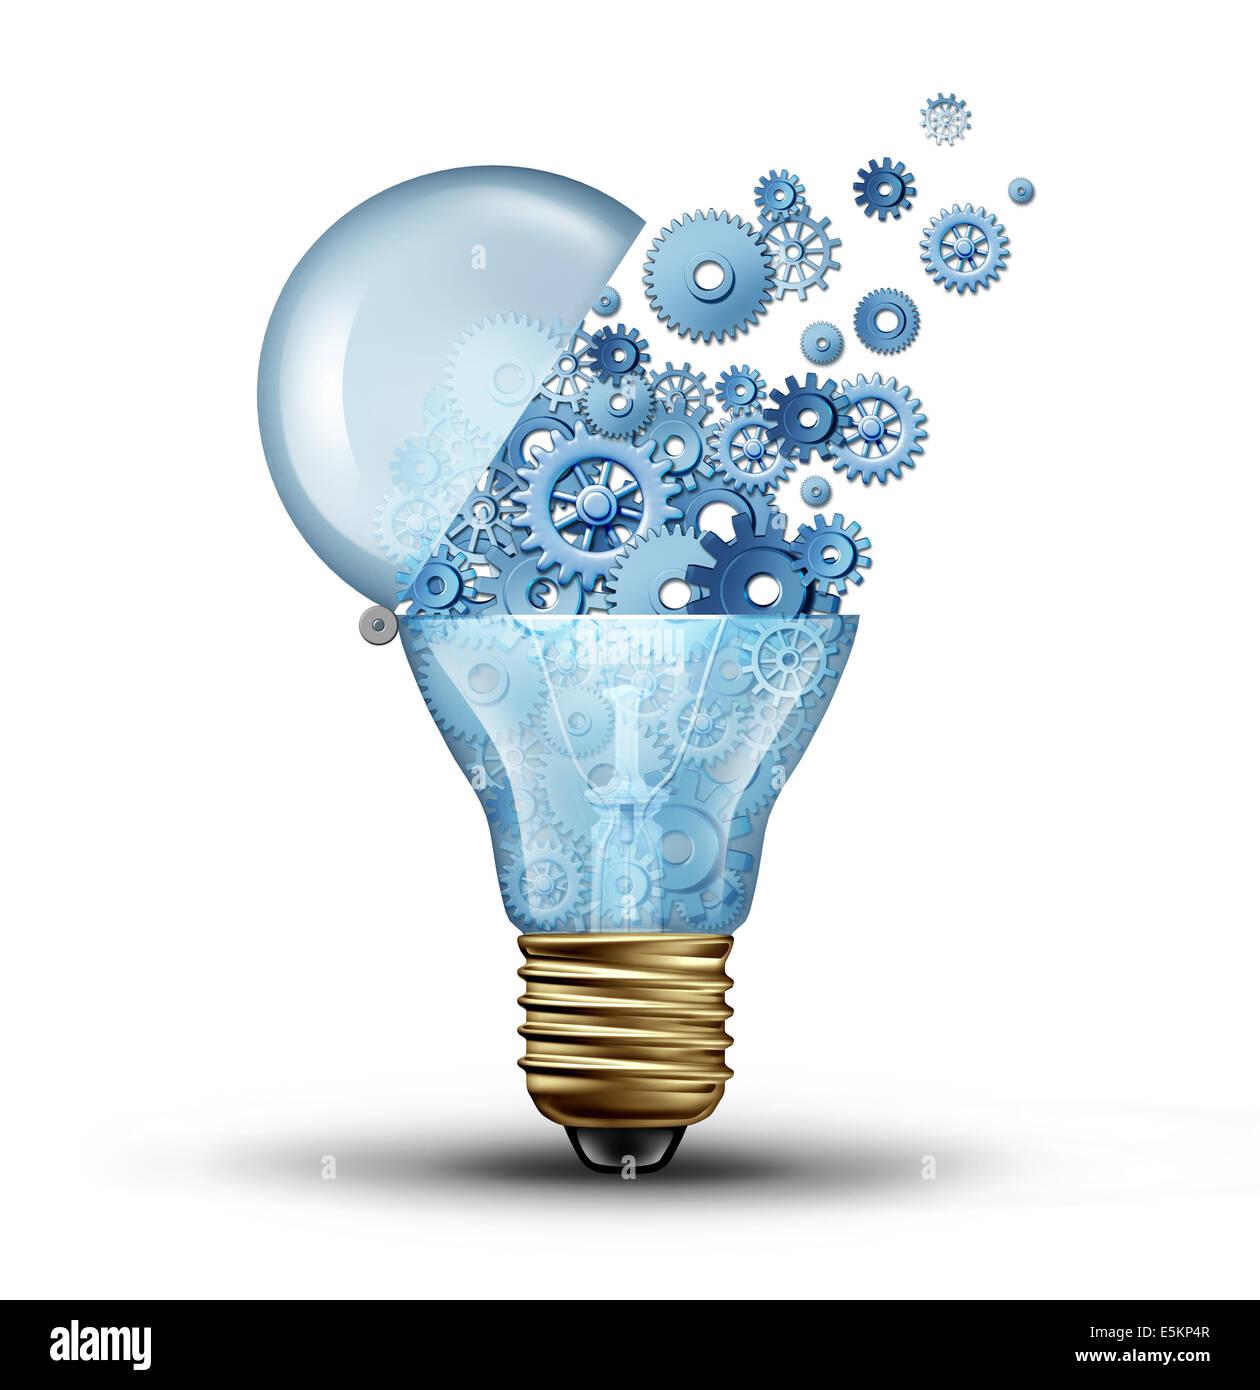 Creative technology et communication concept comme une porte ouverte et tranfering ampoule cogs comme une métaphore Photo Stock